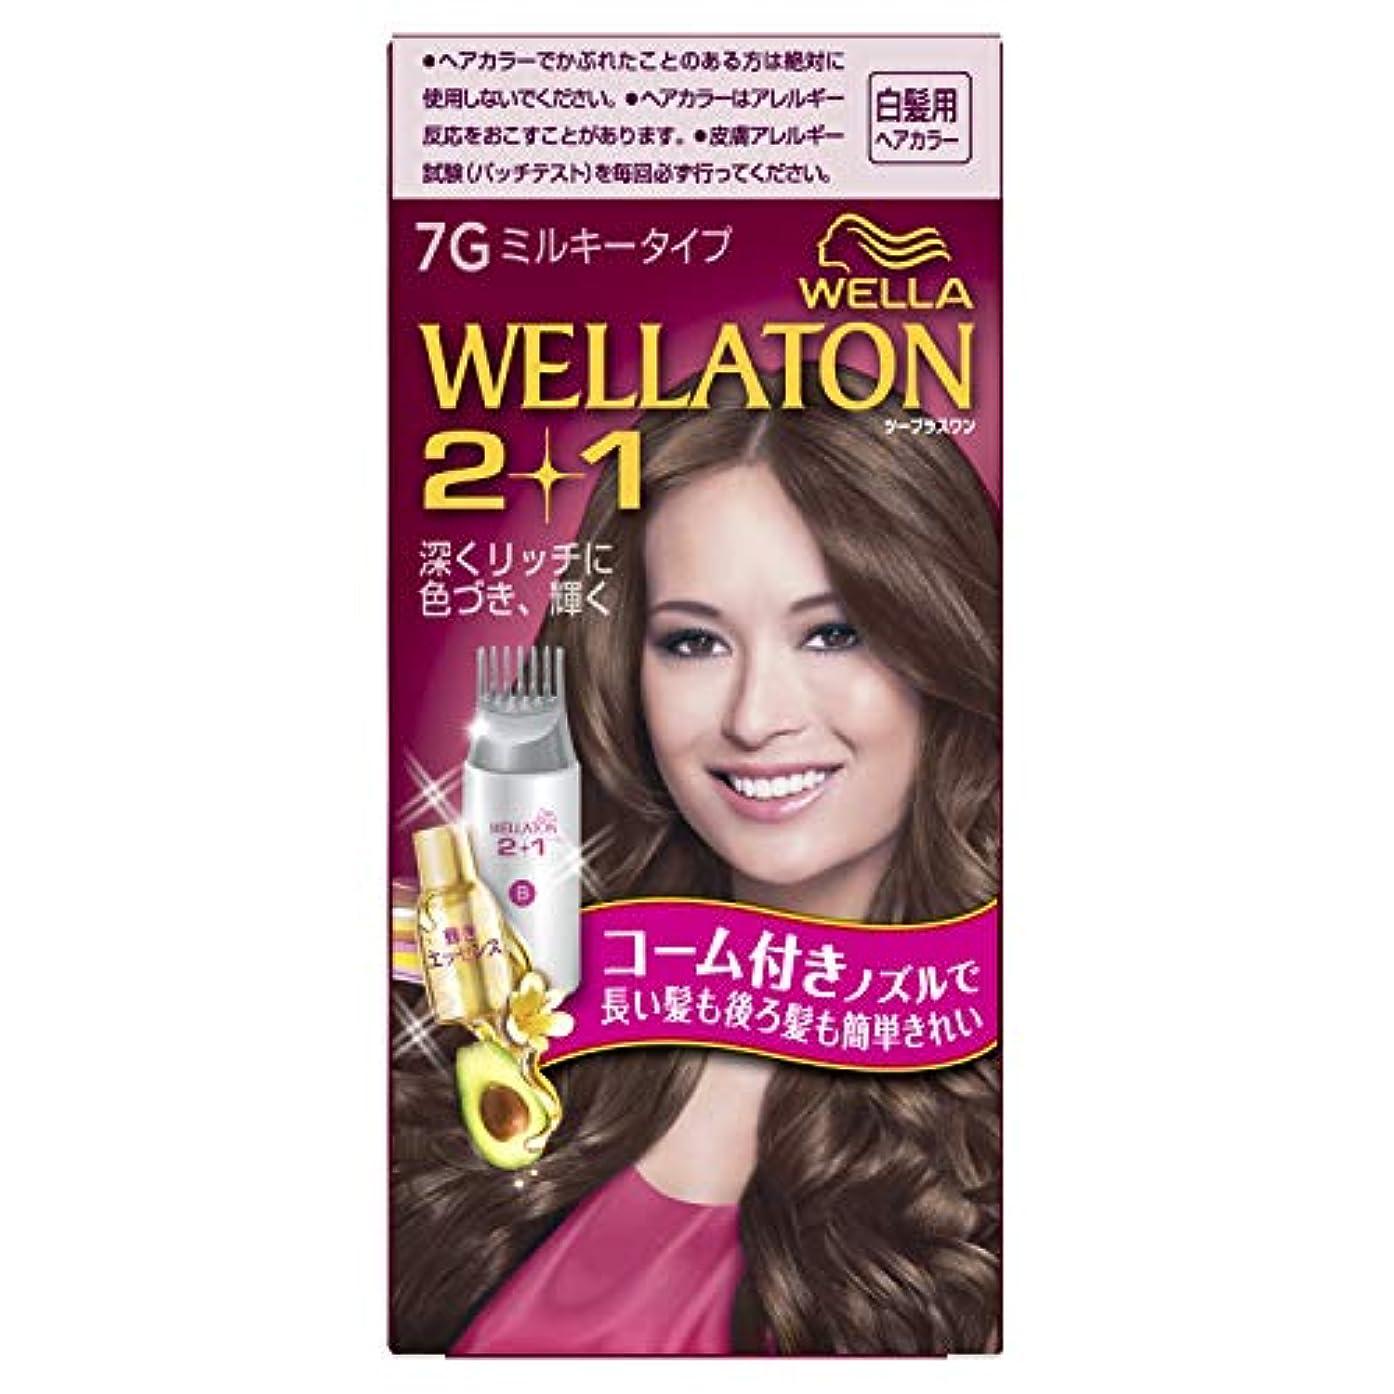 重要なバング崇拝します[医薬部外品]ウエラトーン 2+1 ミルキー EX 7G 明るいウォームブラウン(おしゃれな白髪染め) 60g+60ml+5.5ml